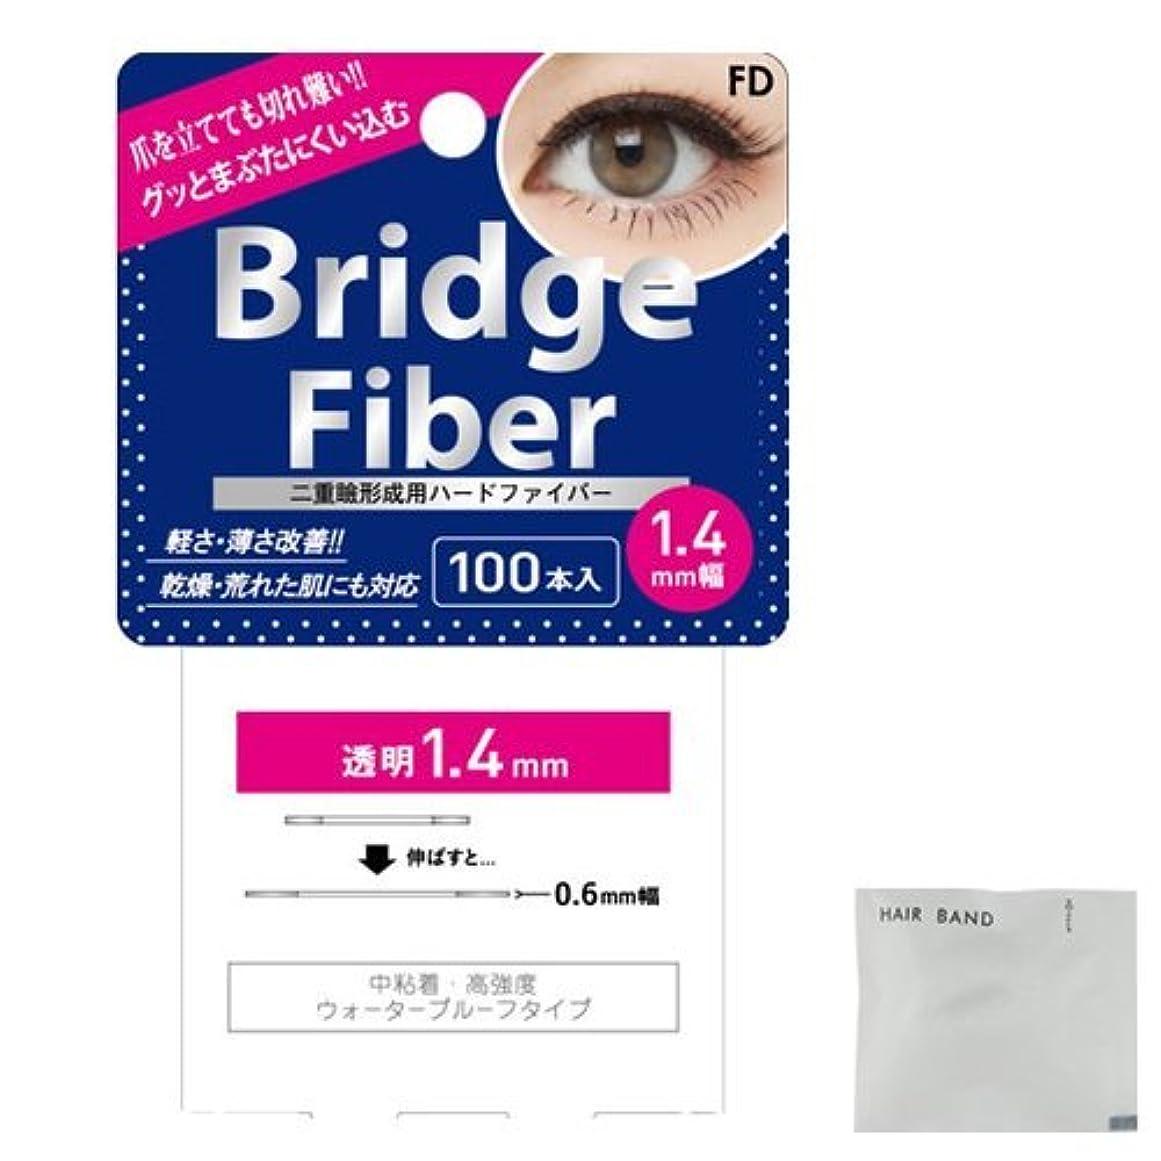 カトリック教徒ジャンル穏やかなFD ブリッジファイバーⅡ (Bridge Fiber) クリア1.4mm + ヘアゴム(カラーはおまかせ)セット